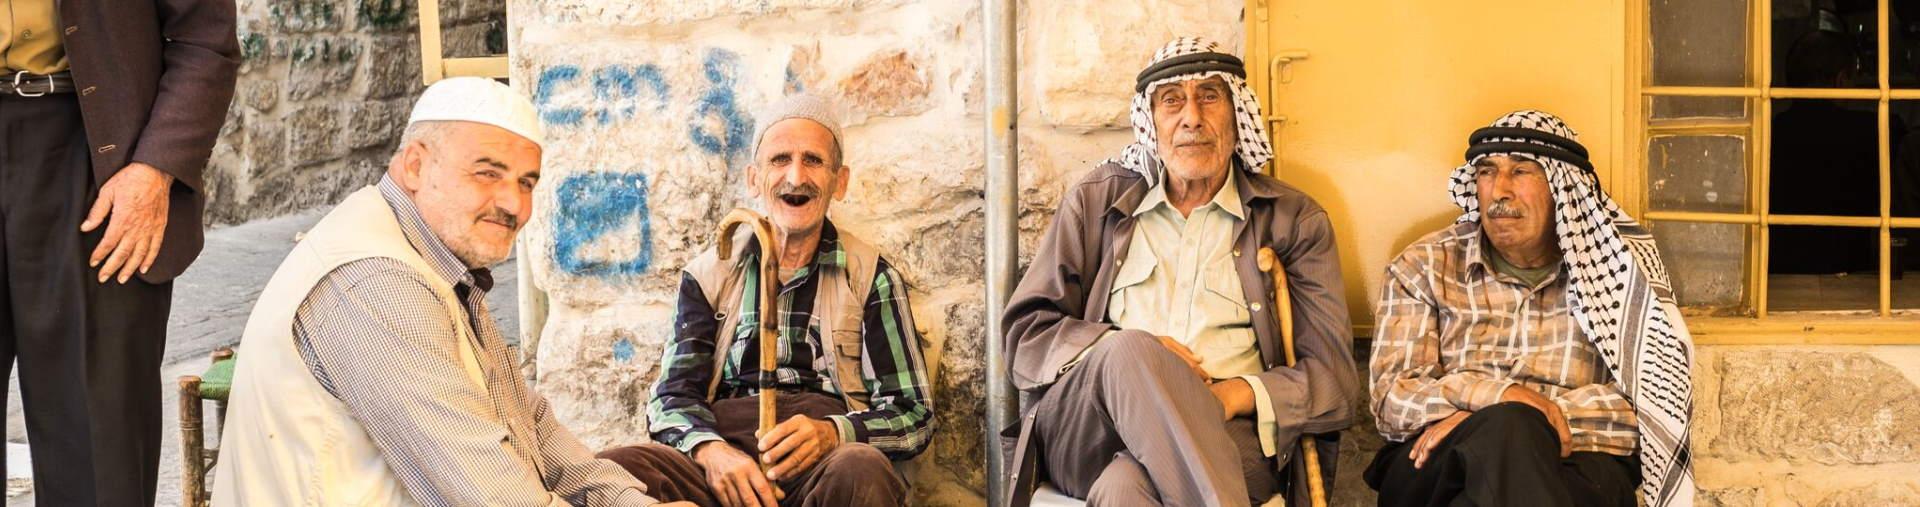 Hebron Tour from tel aviv